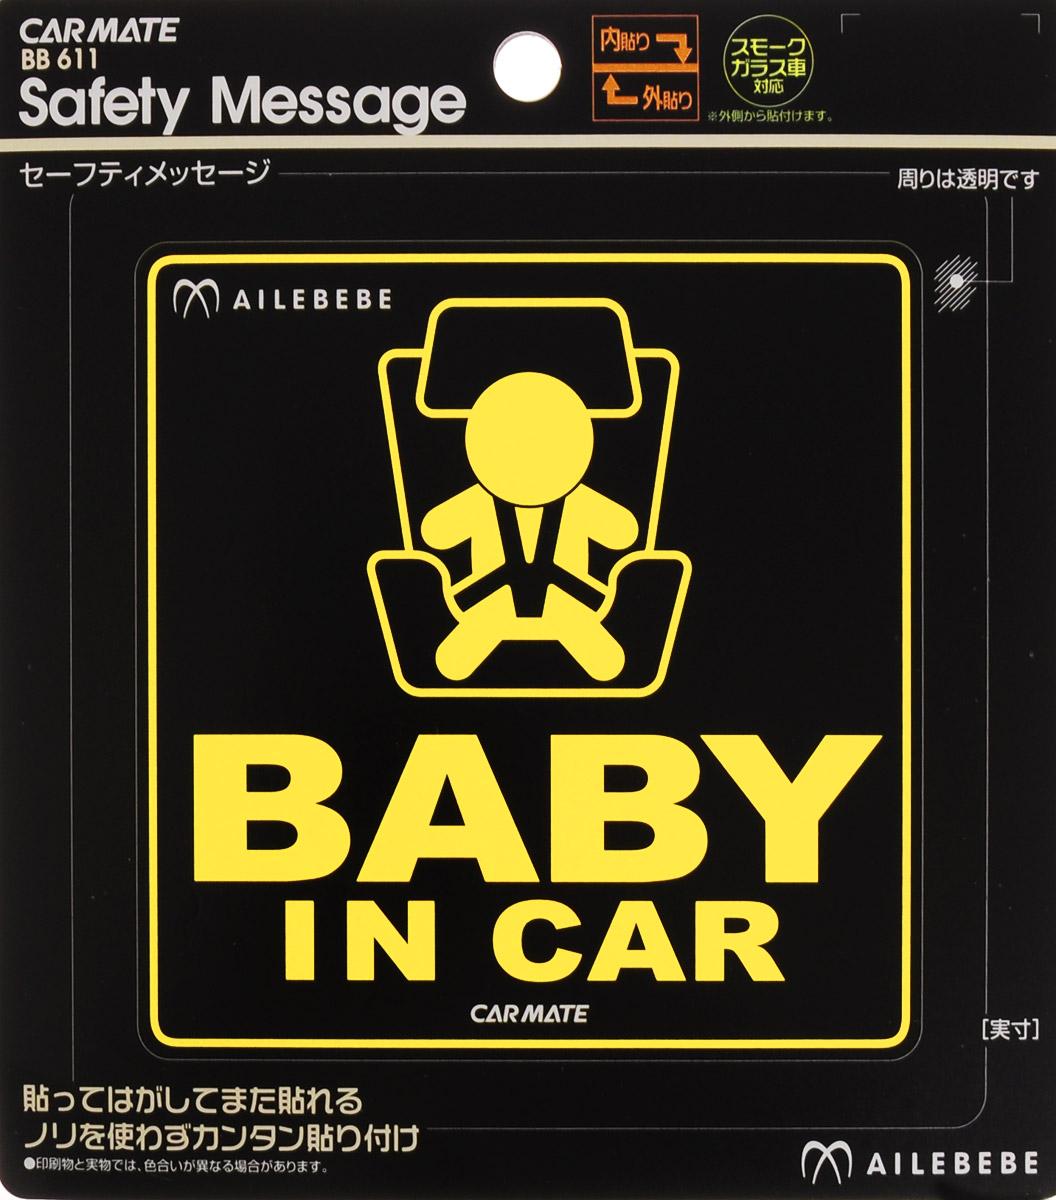 AILEBEBE Наклейка автомобильная Baby in carBB611Наклейка автомобильная Baby in car изготовлена из высококачественного винила.Виниловые наклейки на авто - это не только красиво, но еще и быстро! Всего за несколько минут вы можете полностью преобразить свой автомобиль, сделать его ярким, необычным, особенным и неповторимым!